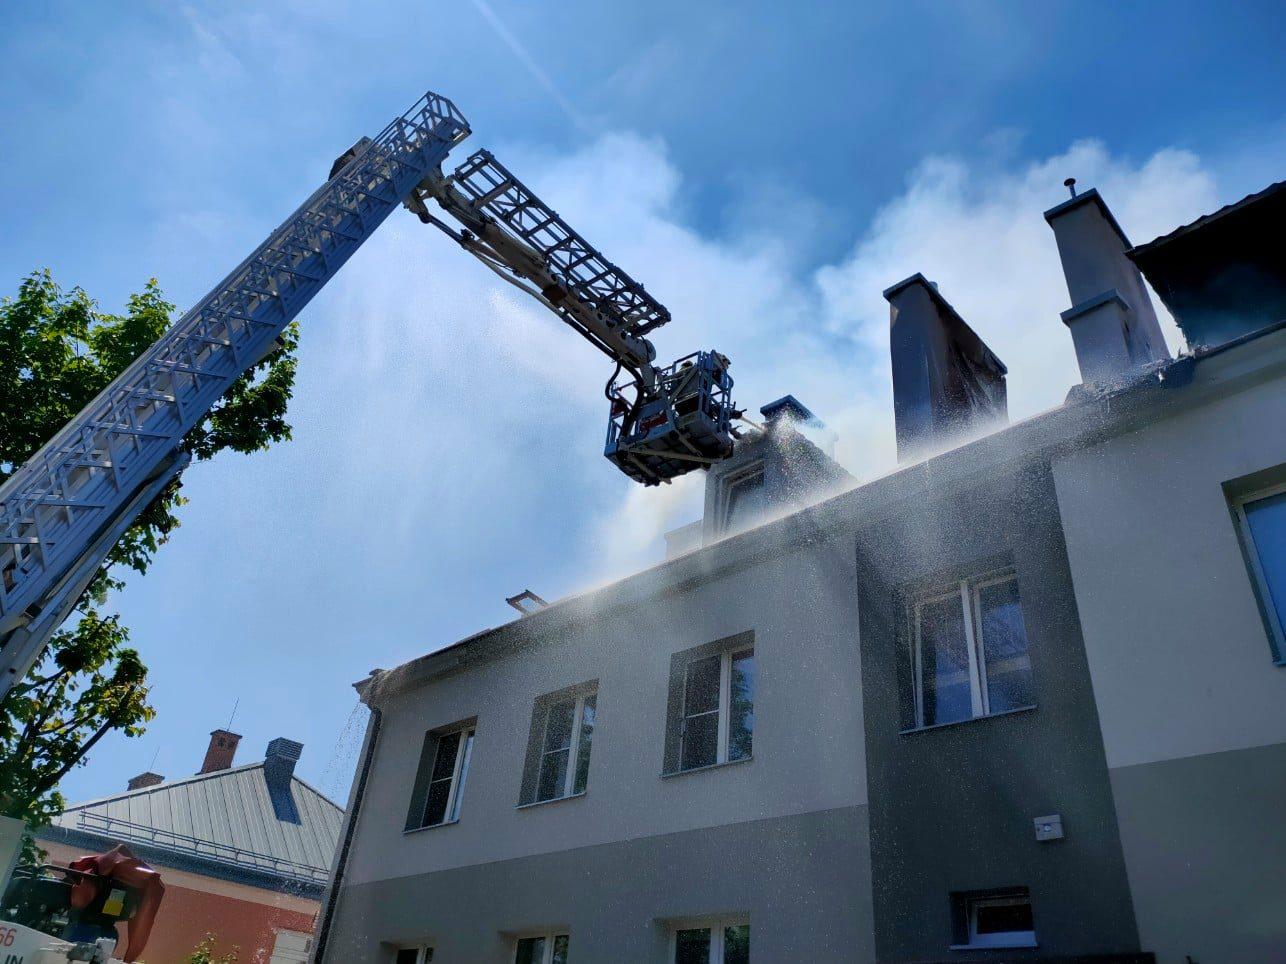 Pożar domu wielorodzinnego. Konieczna była ewakuacja mieszkańców [ZDJĘCIA] - Zdjęcie główne